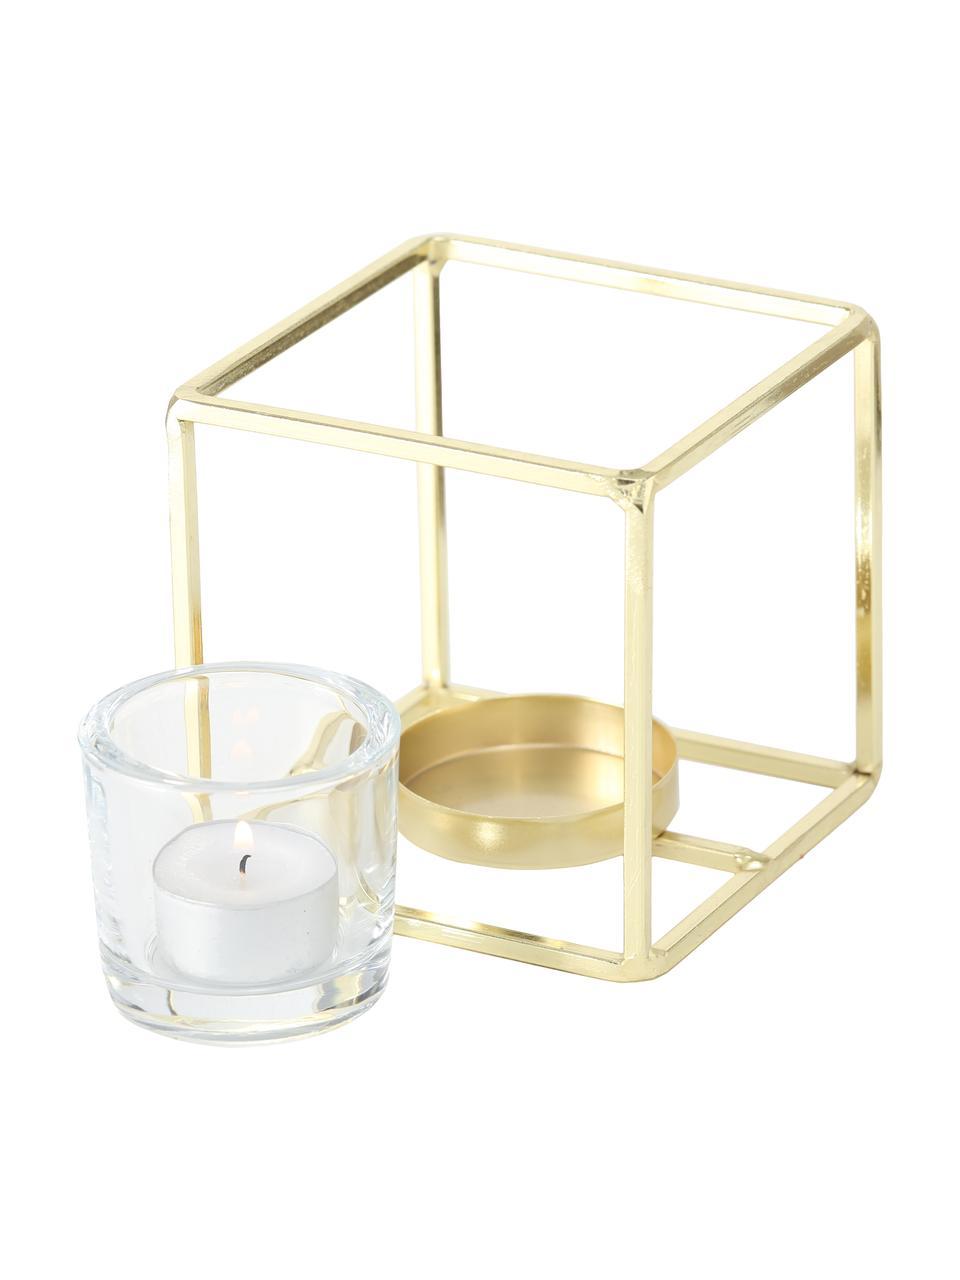 Komplet świeczników na podgrzewacze Pazo, 2elem., Stelaż: metal powlekany, Transparentny, odcienie mosiądzu, Komplet z różnymi rozmiarami